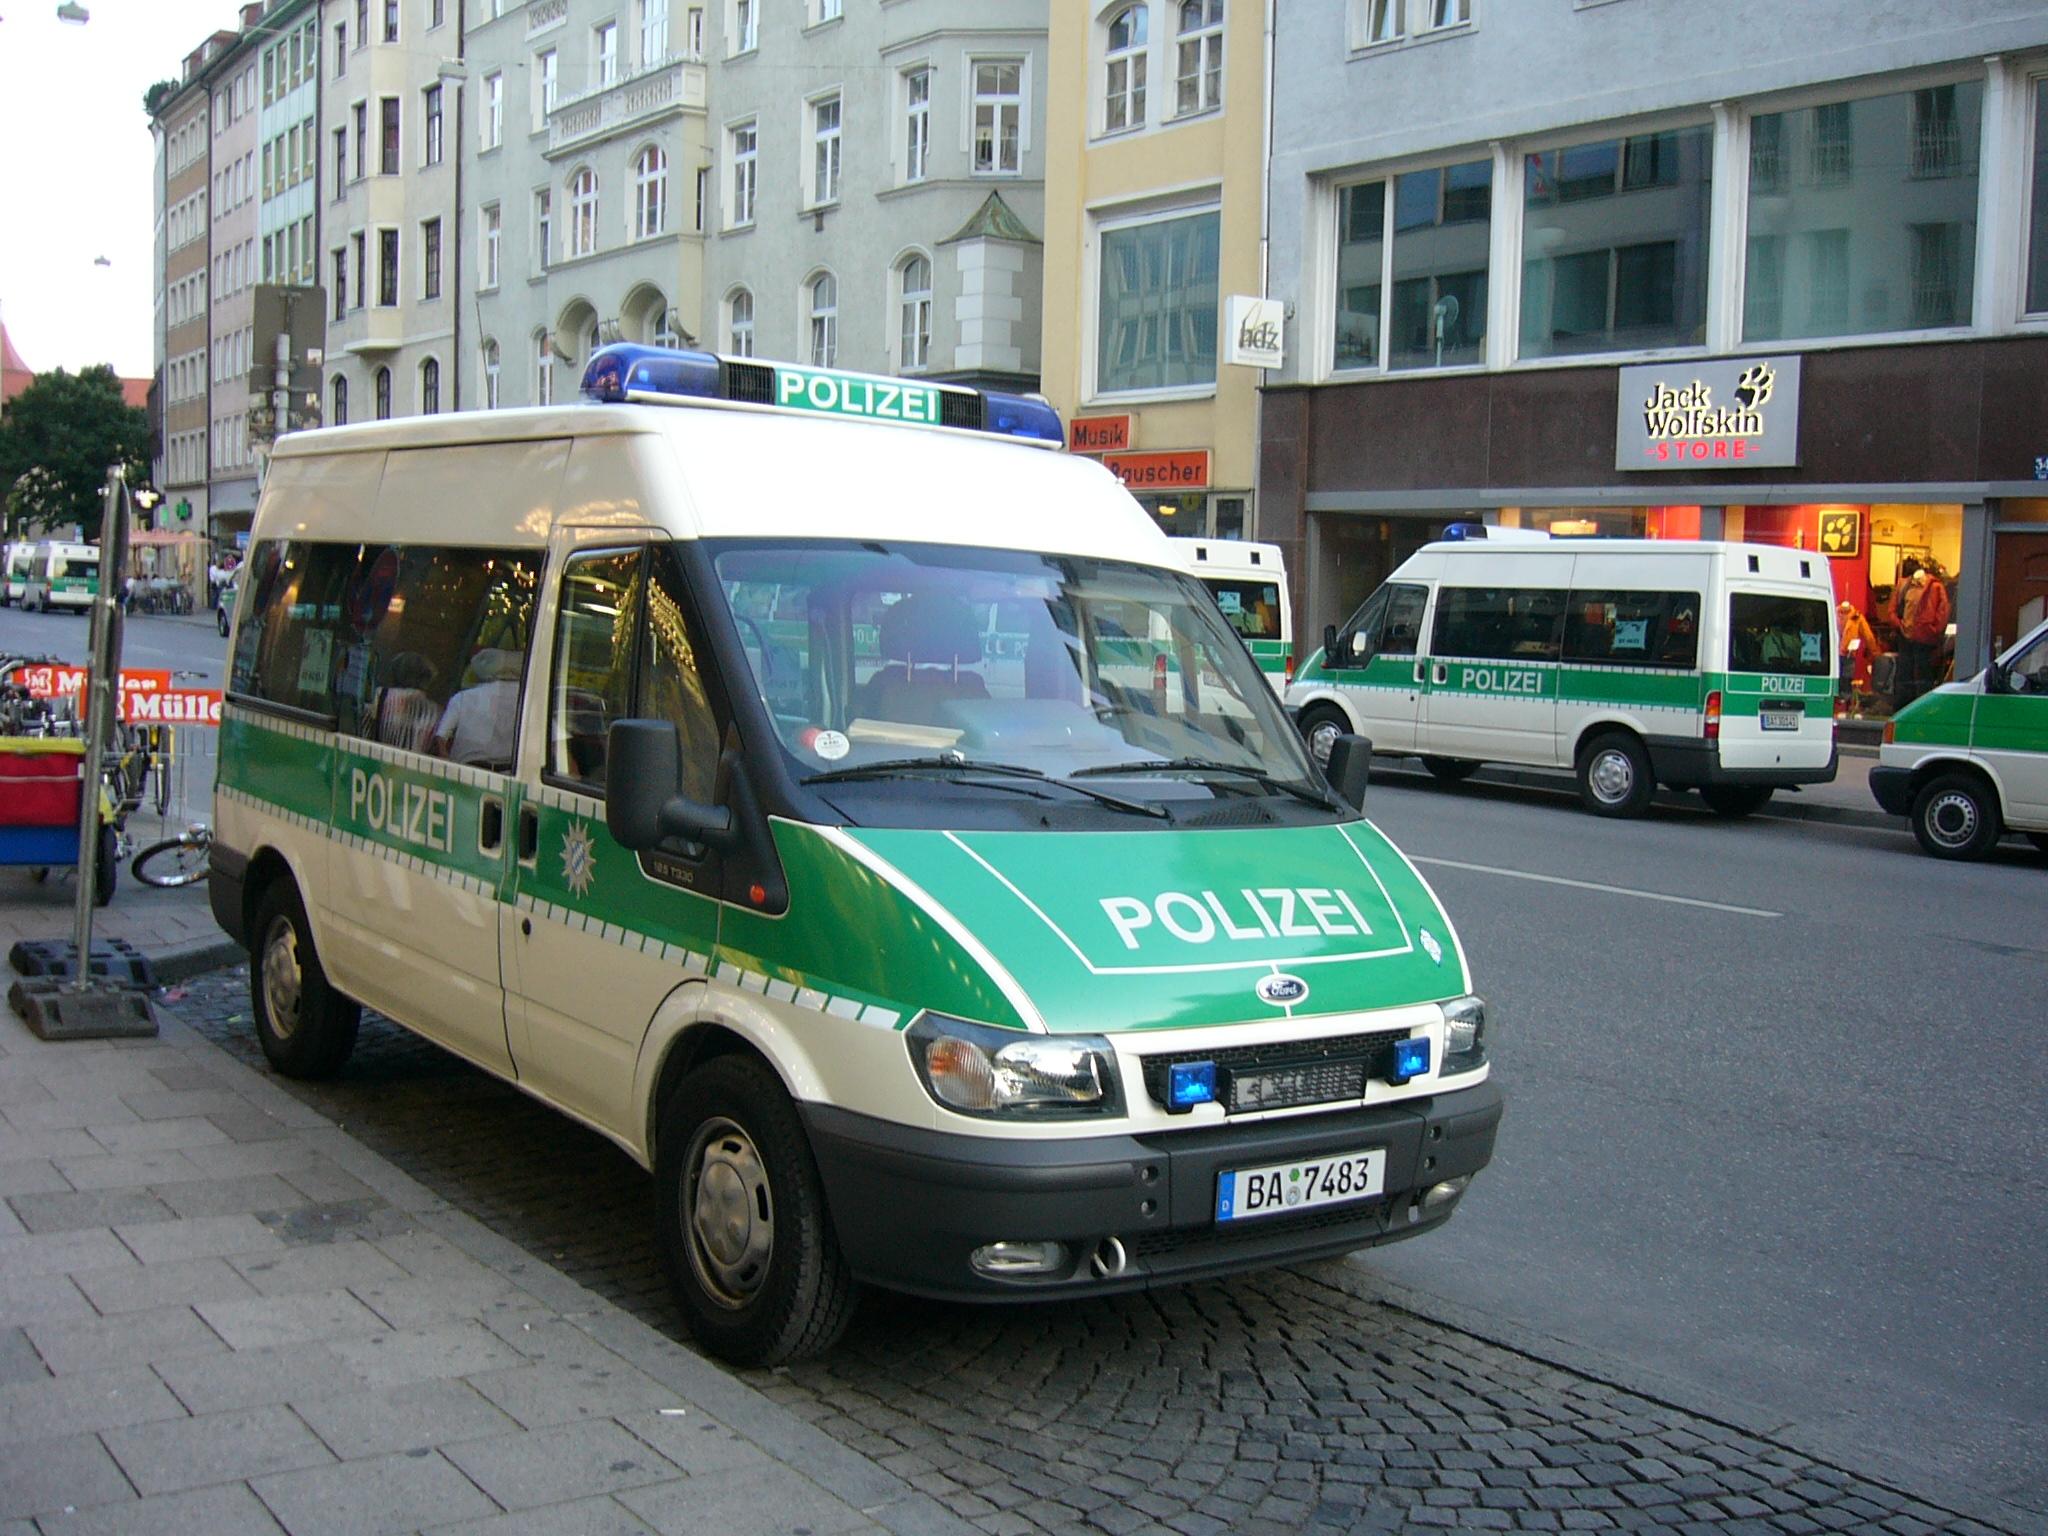 Polizeiausbildung in Bayern – Wikipedia